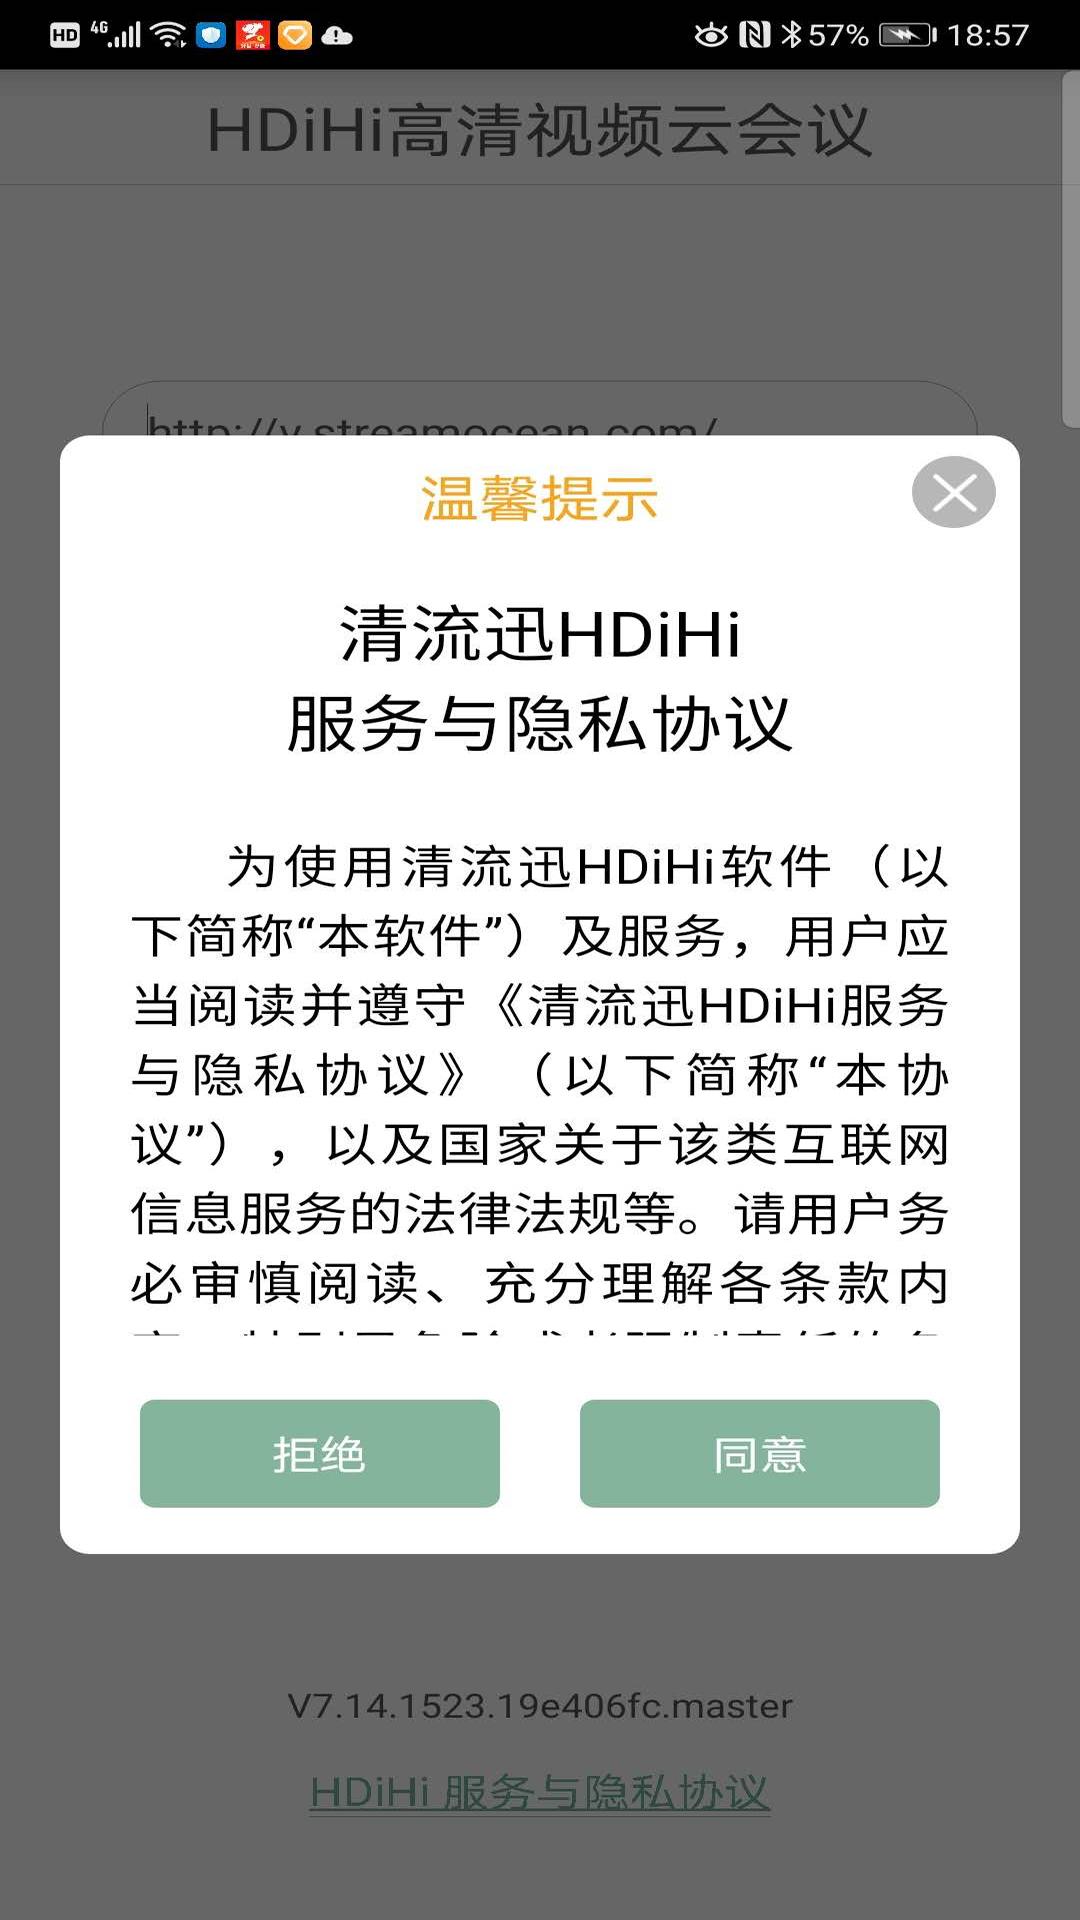 HDiHi_图片2